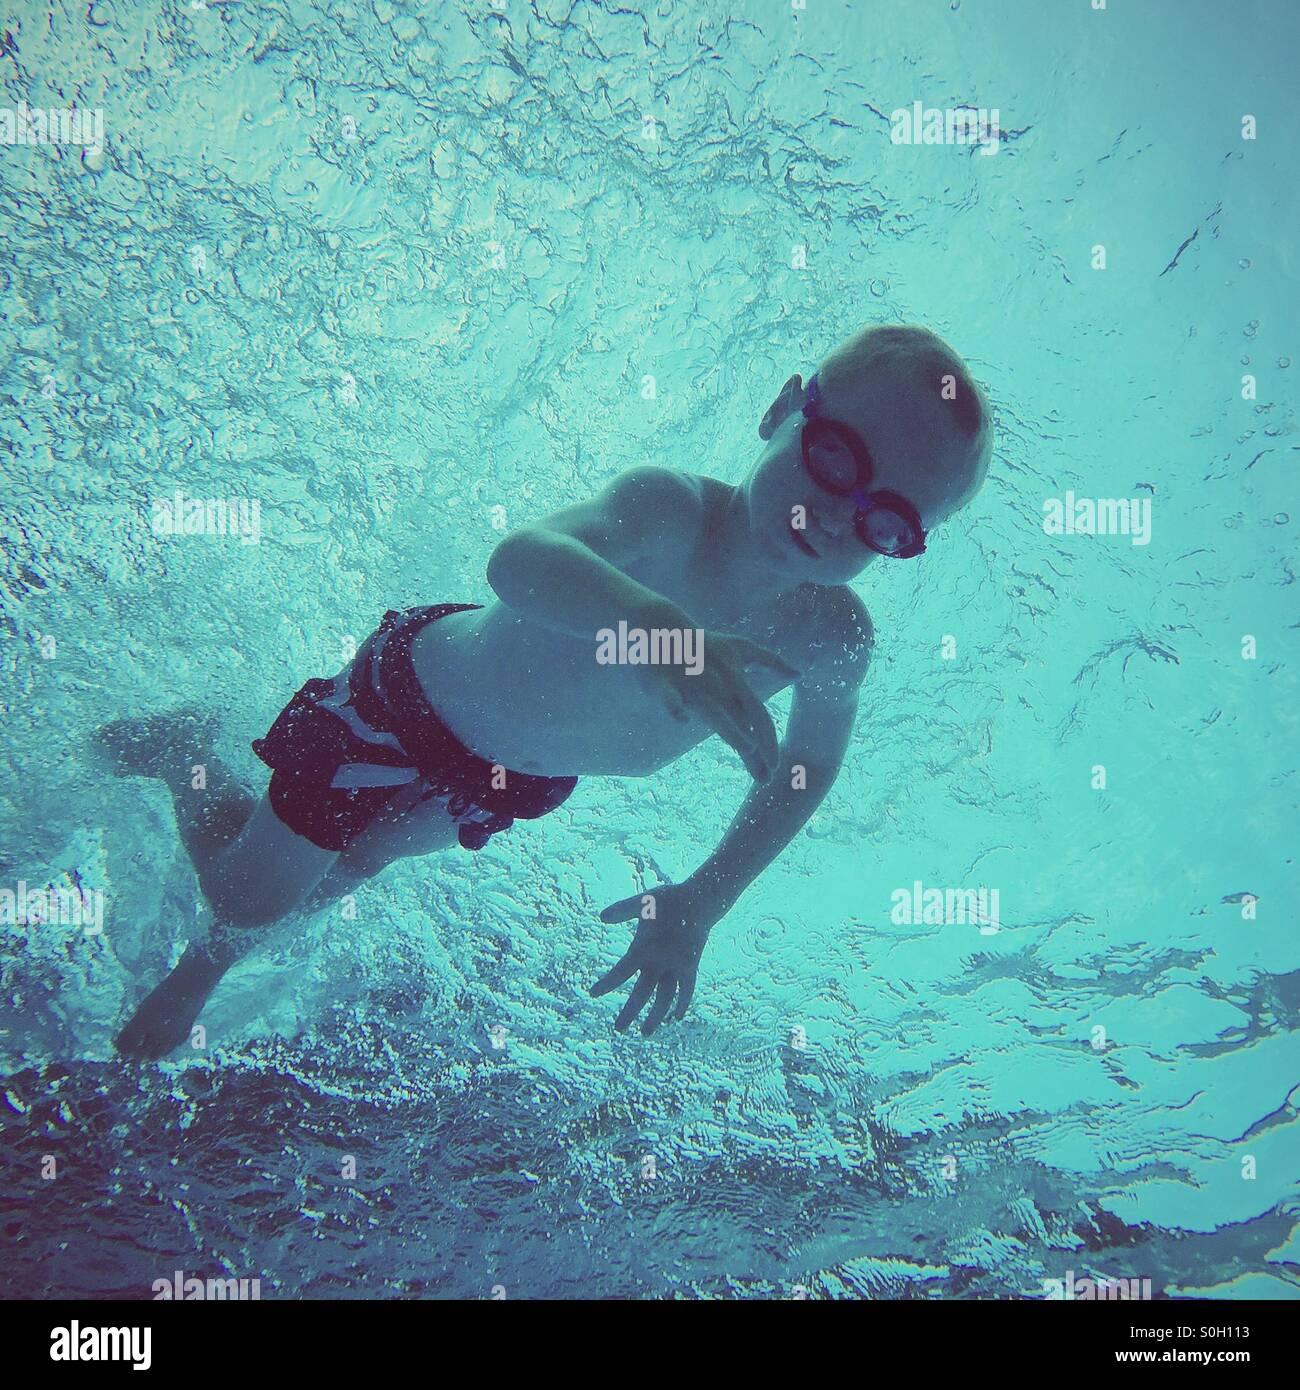 Filmación subacuática de un joven nadando hacia la superficie del agua, tomada desde abajo. Imagen De Stock